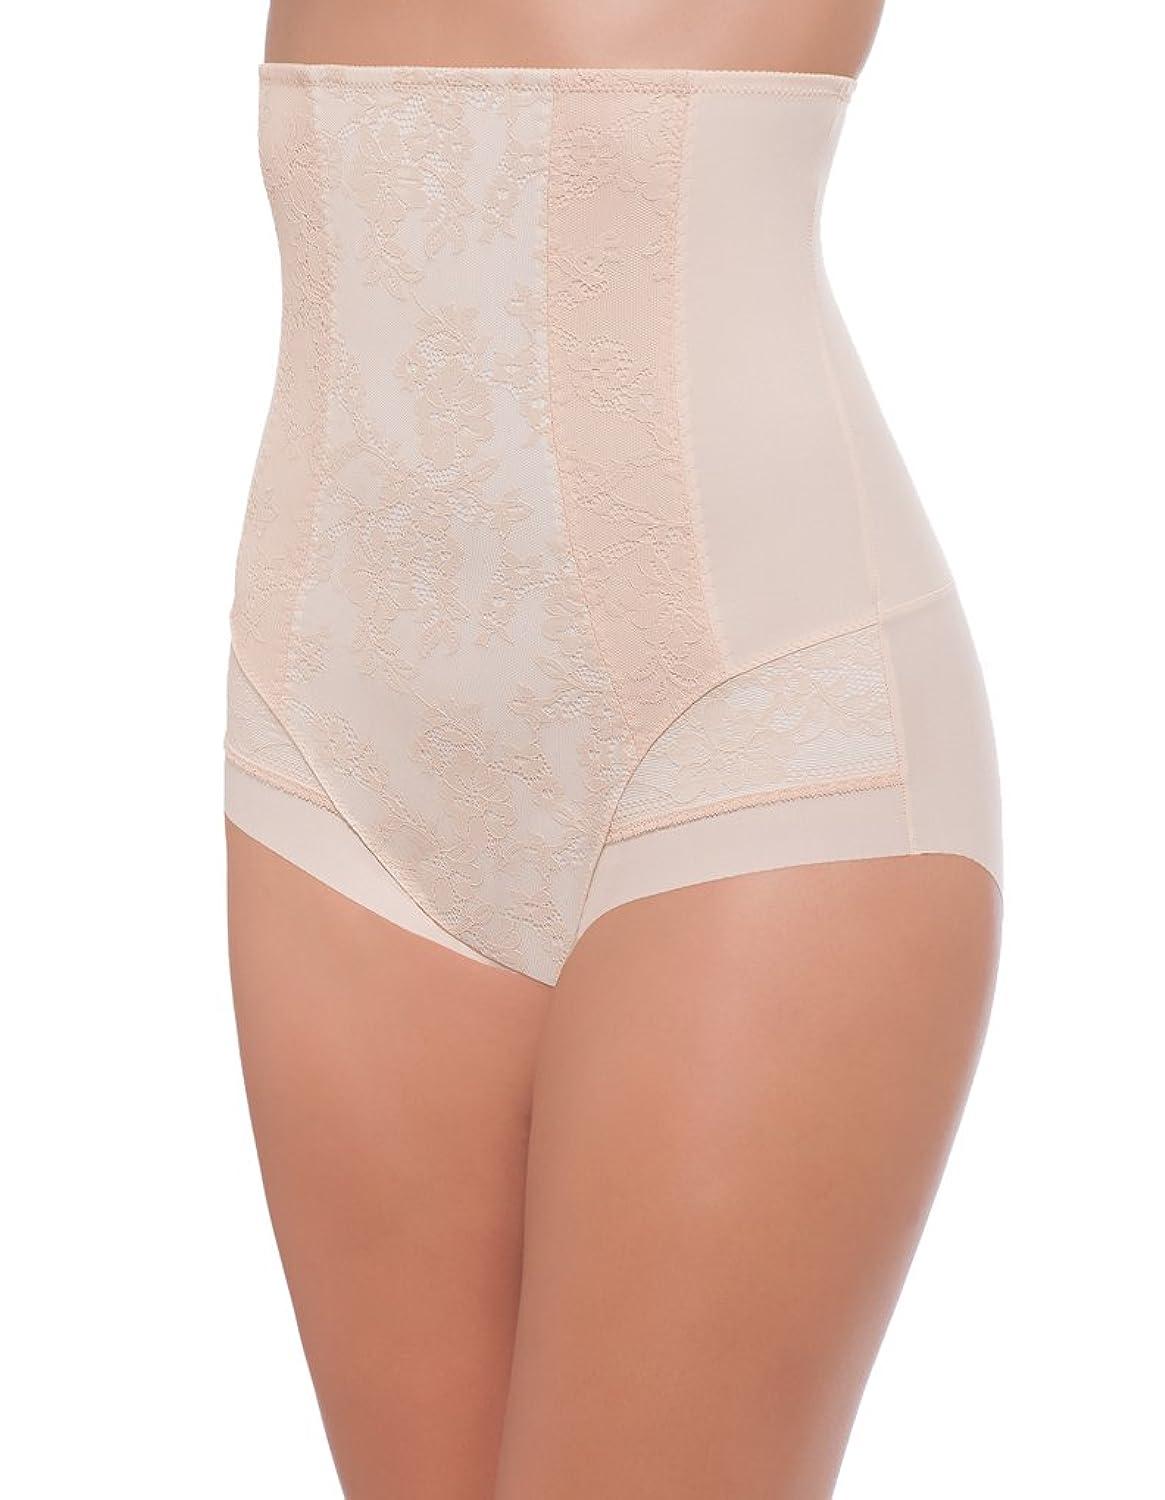 Barbara Cosmetic Kontroll Unterhose in Nude 182622-PN-227 jetzt bestellen